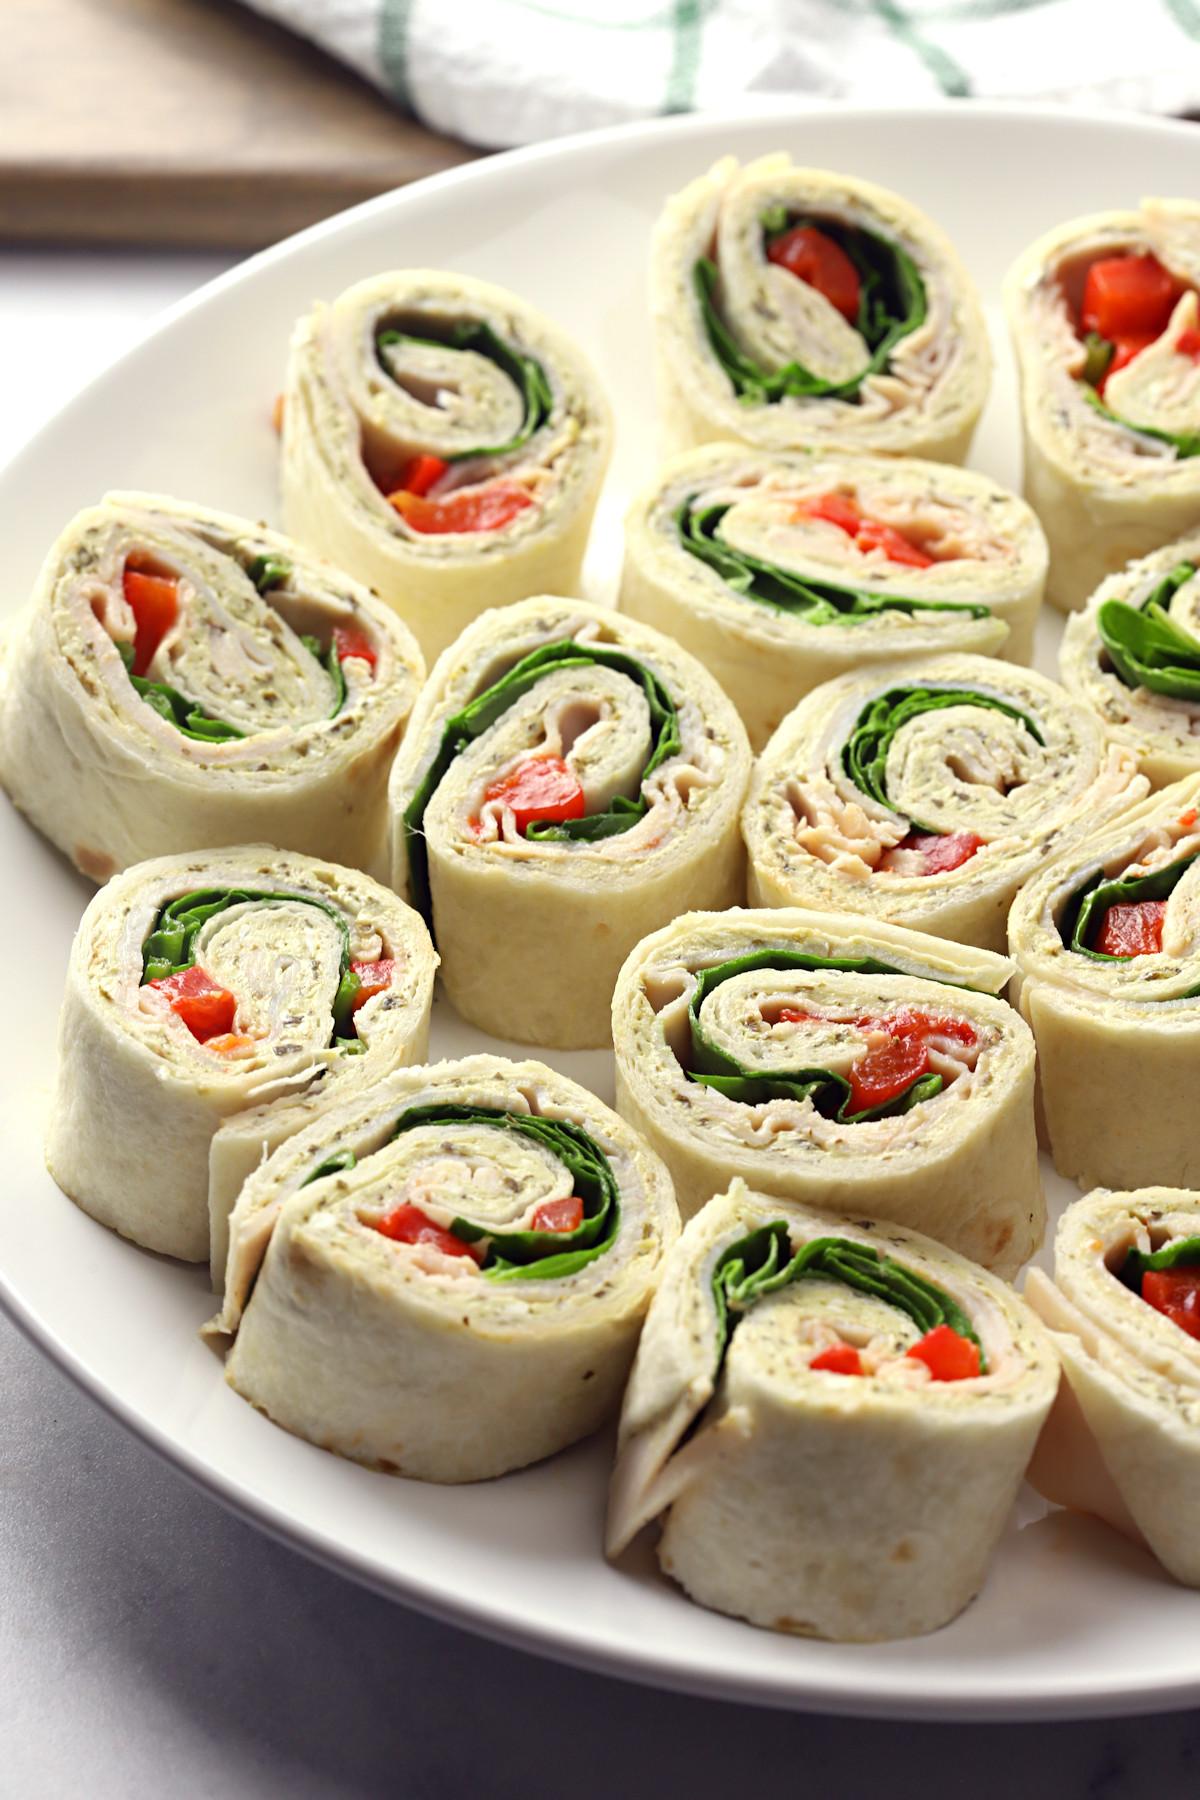 A white plate filled with turkey pesto pinwheel sandwiches.